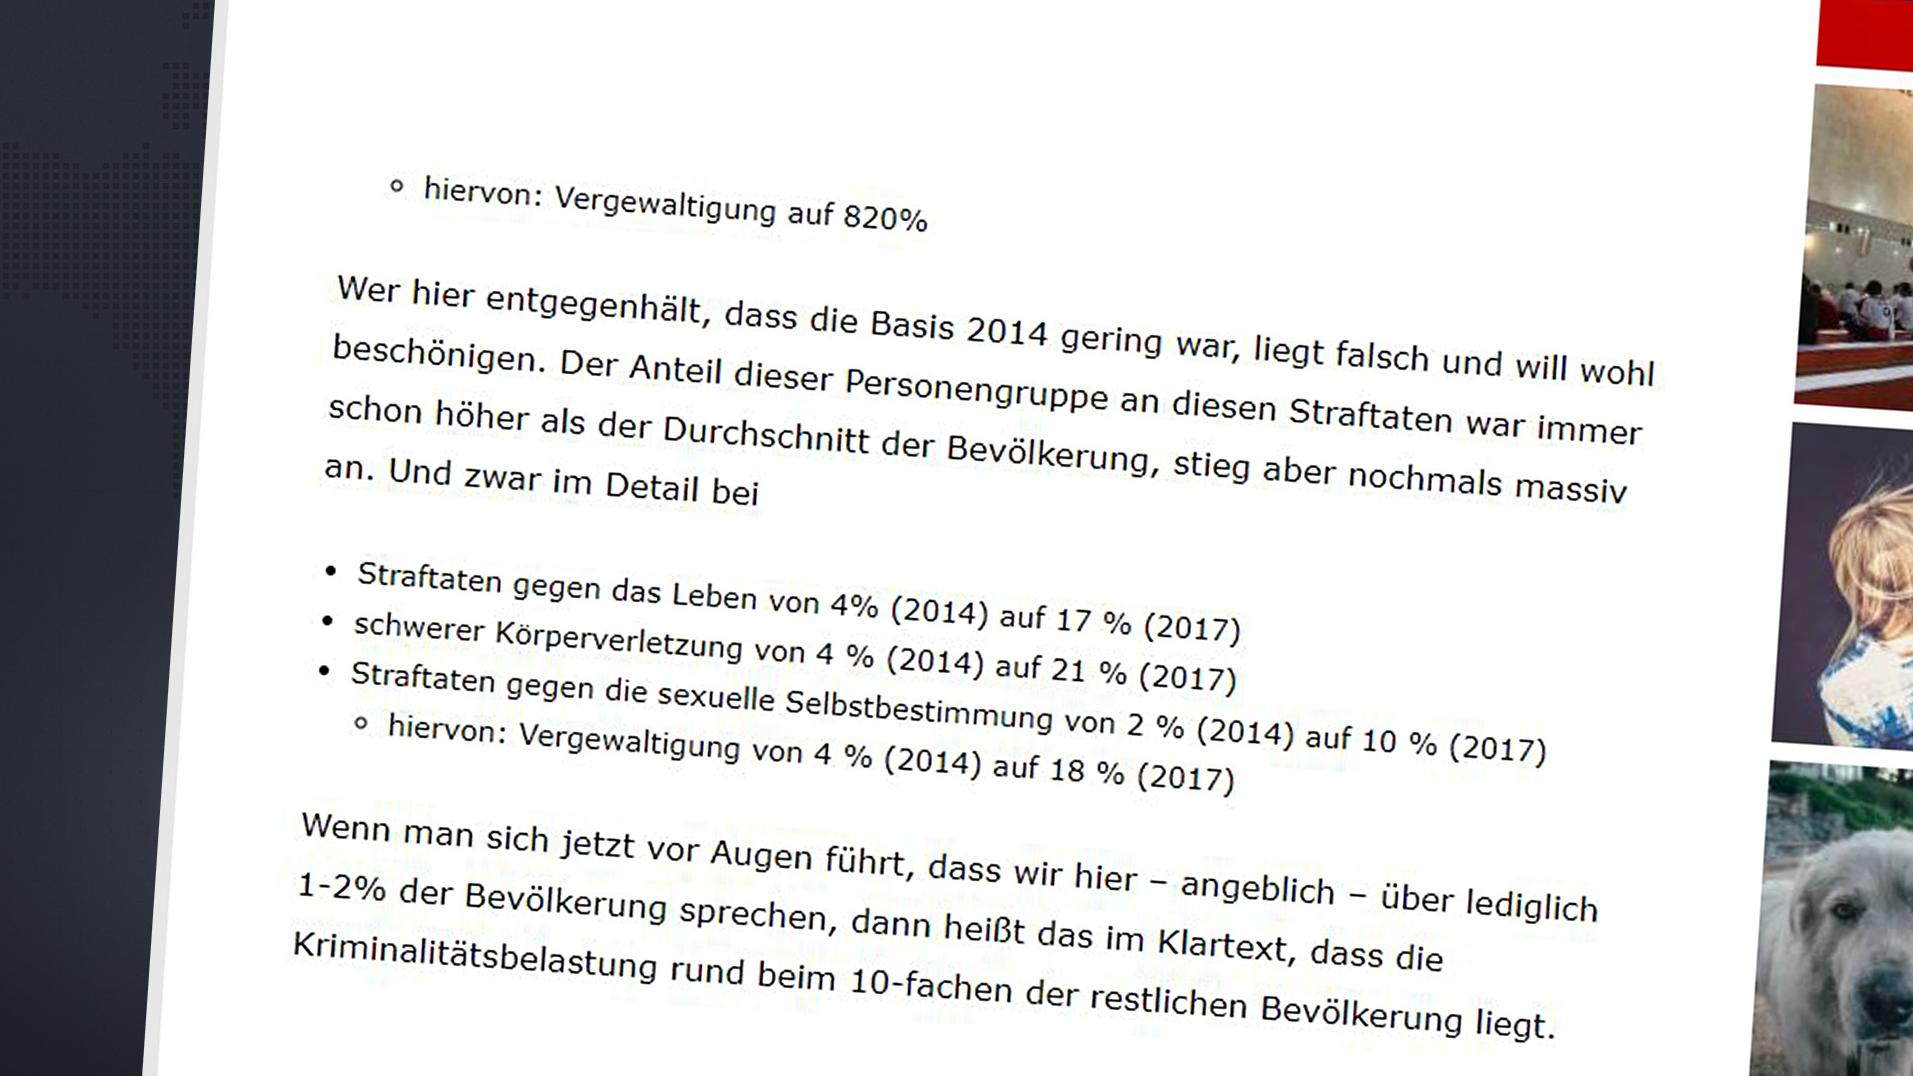 Behauptungen über die Kriminalitätsstatistik in Bayern